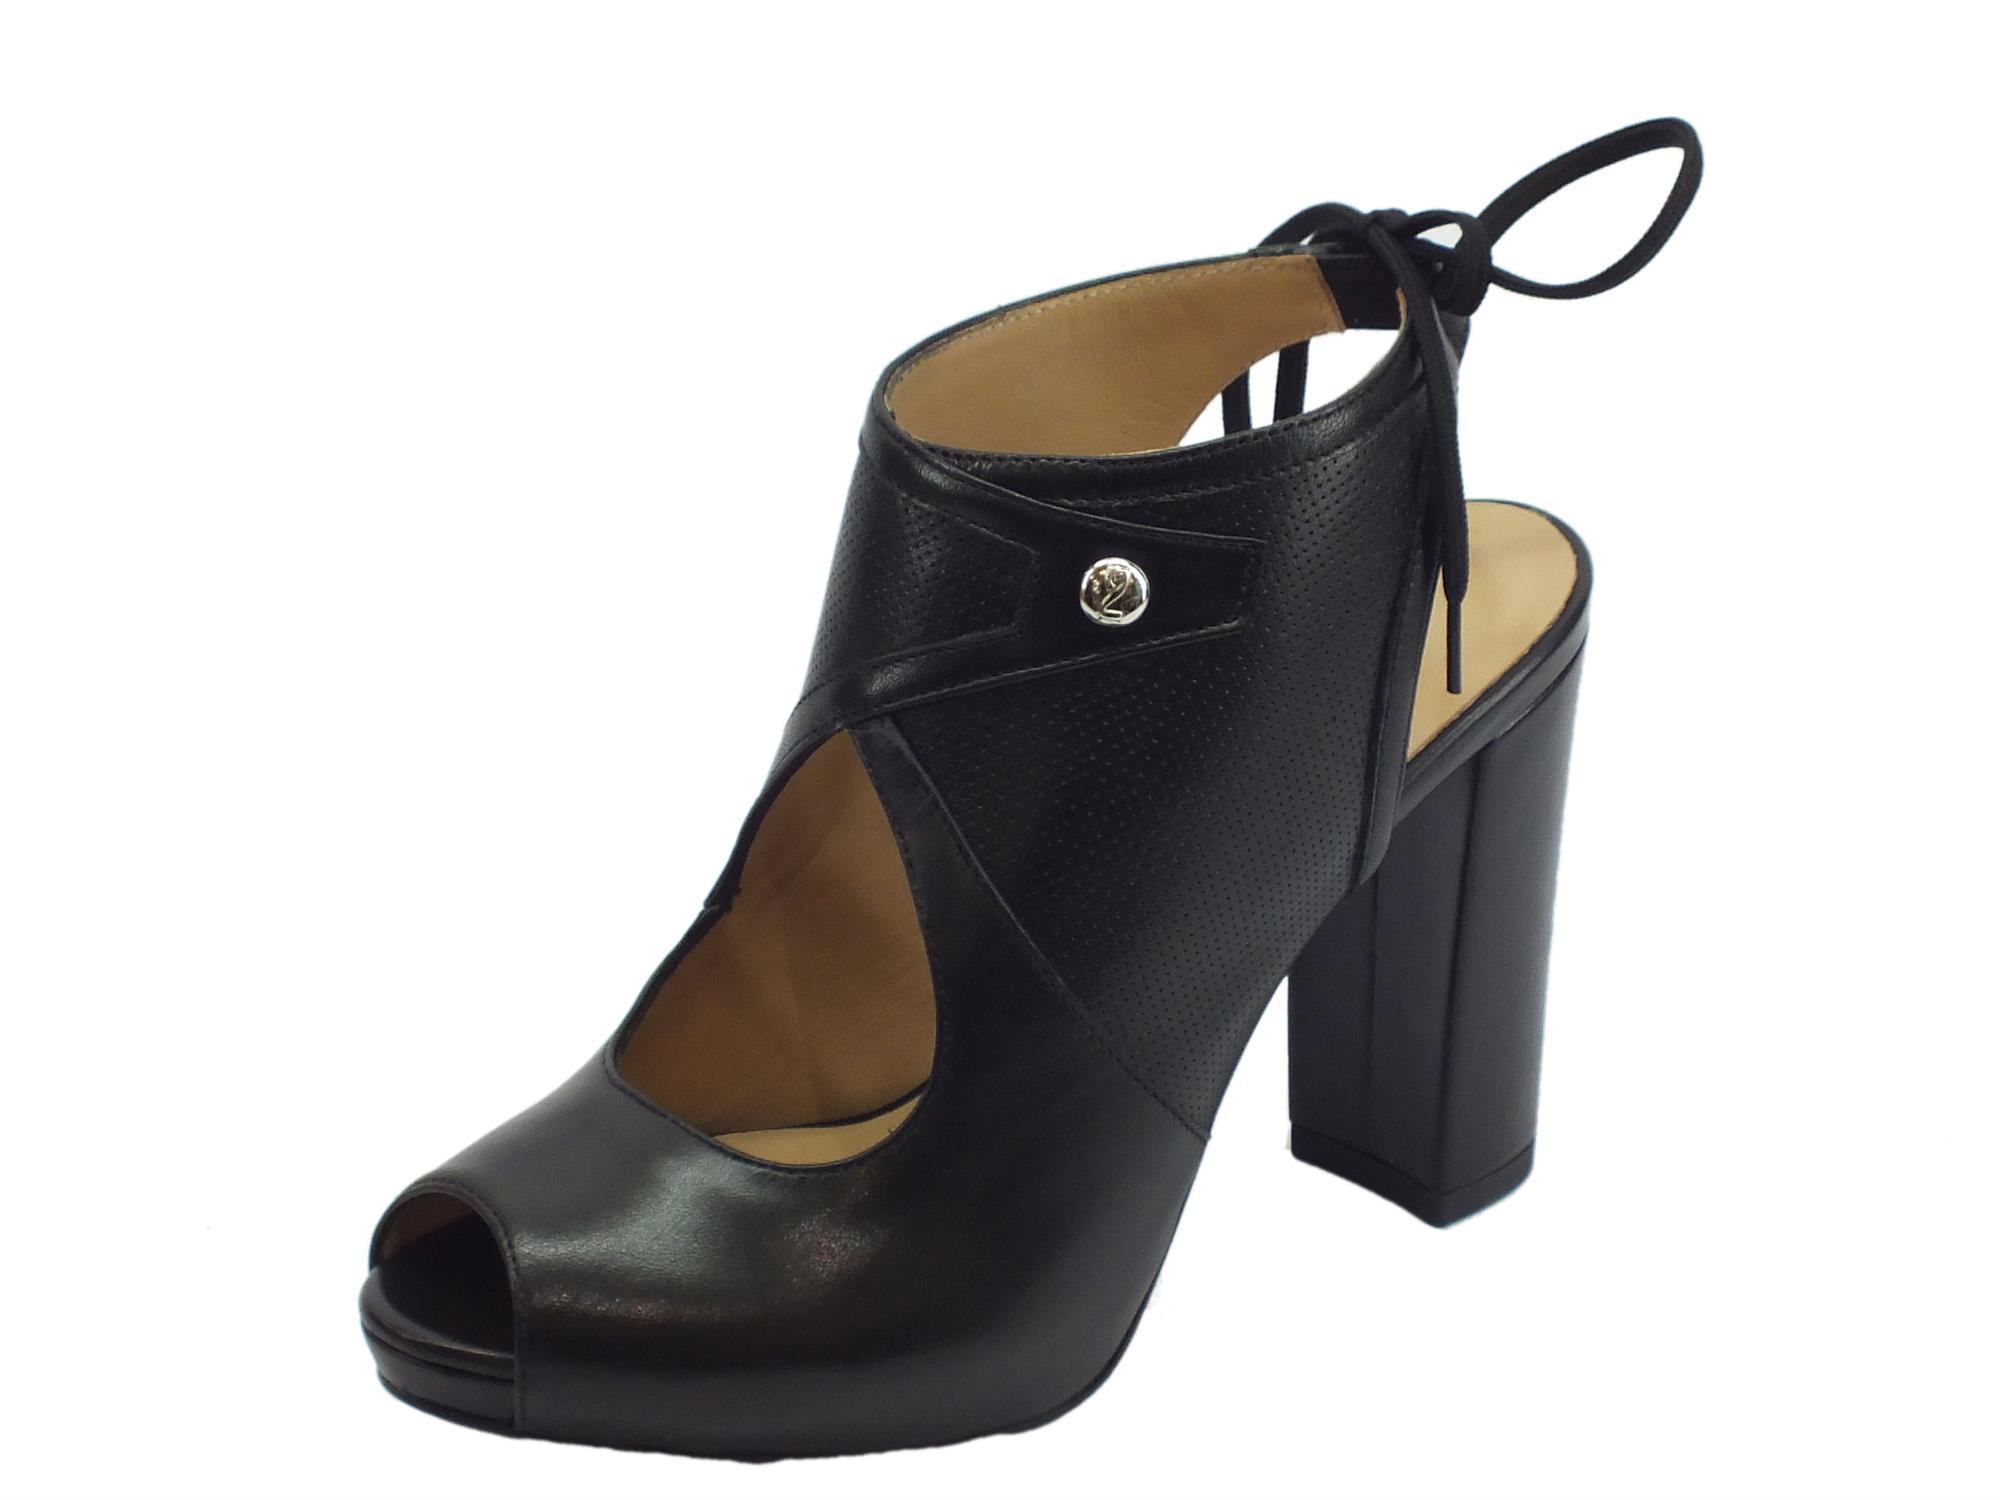 prodotti di qualità ottima qualità risparmia fino al 60% Sandali NeroGiardini per donna in pelle nera allaccio posteriore